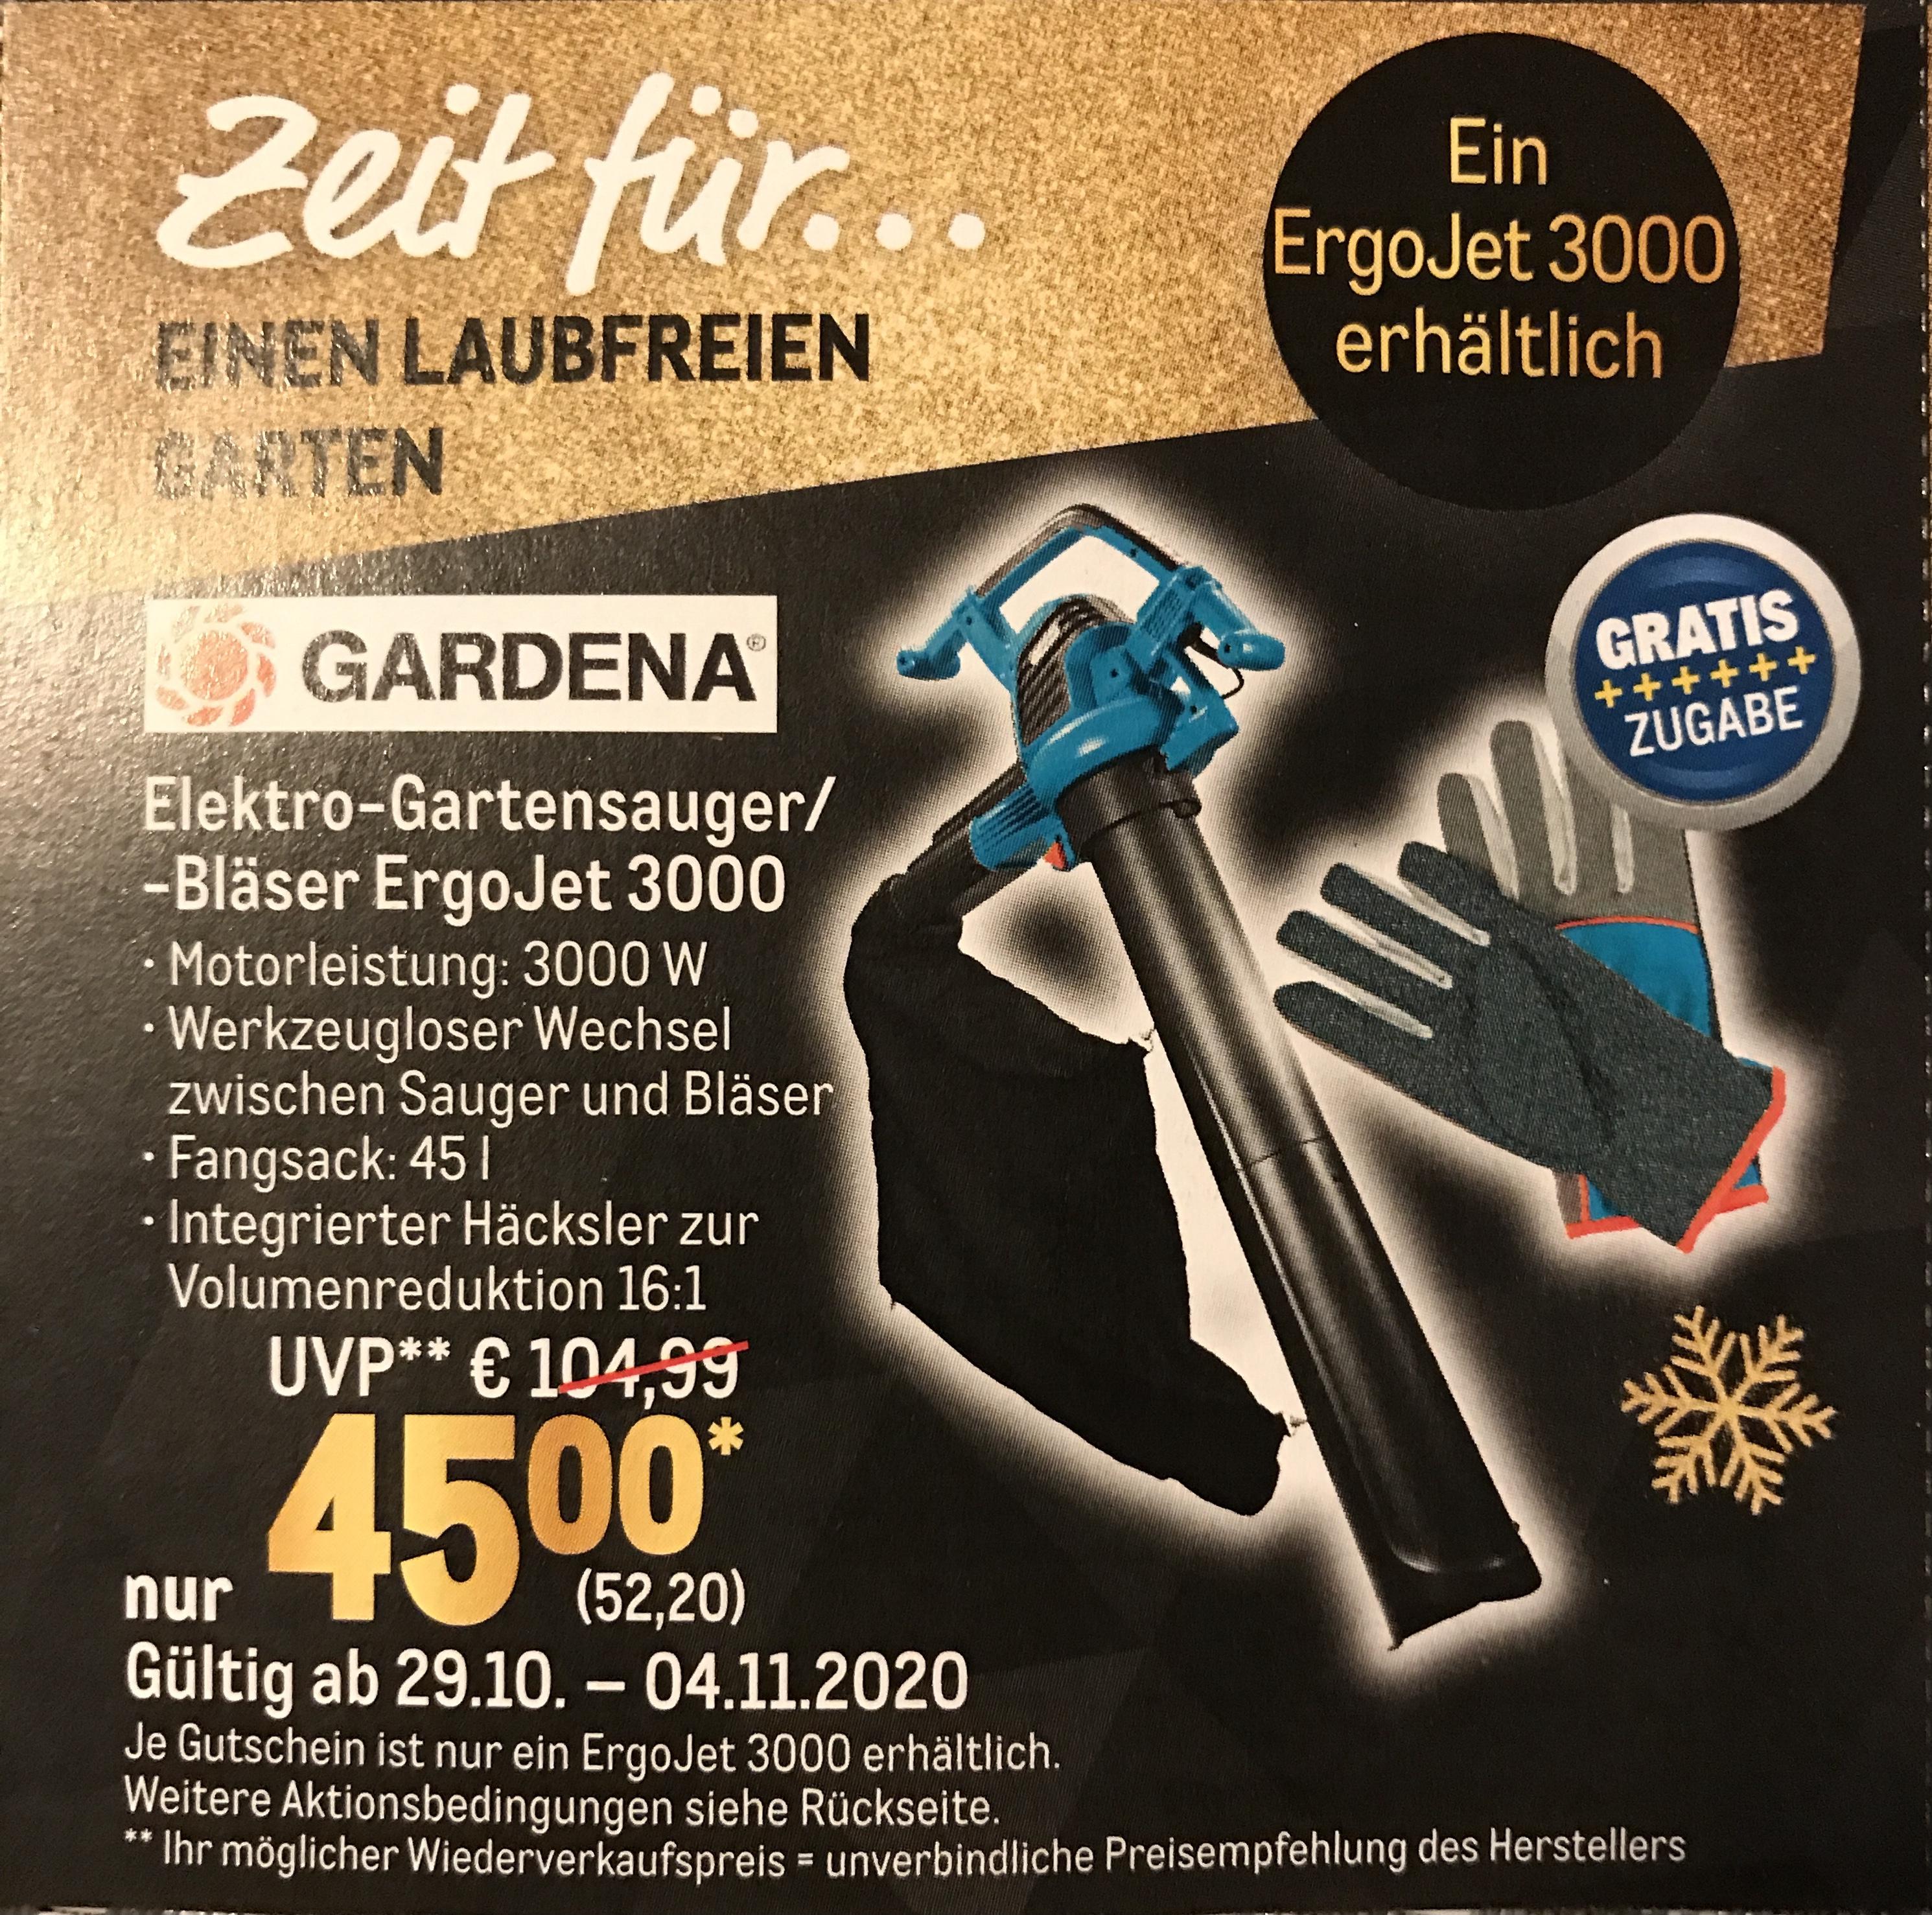 (Metro) Gardena Elekro-Gartensauger/-bläser ErgoJet 3000 inkl gratis Handschuhen